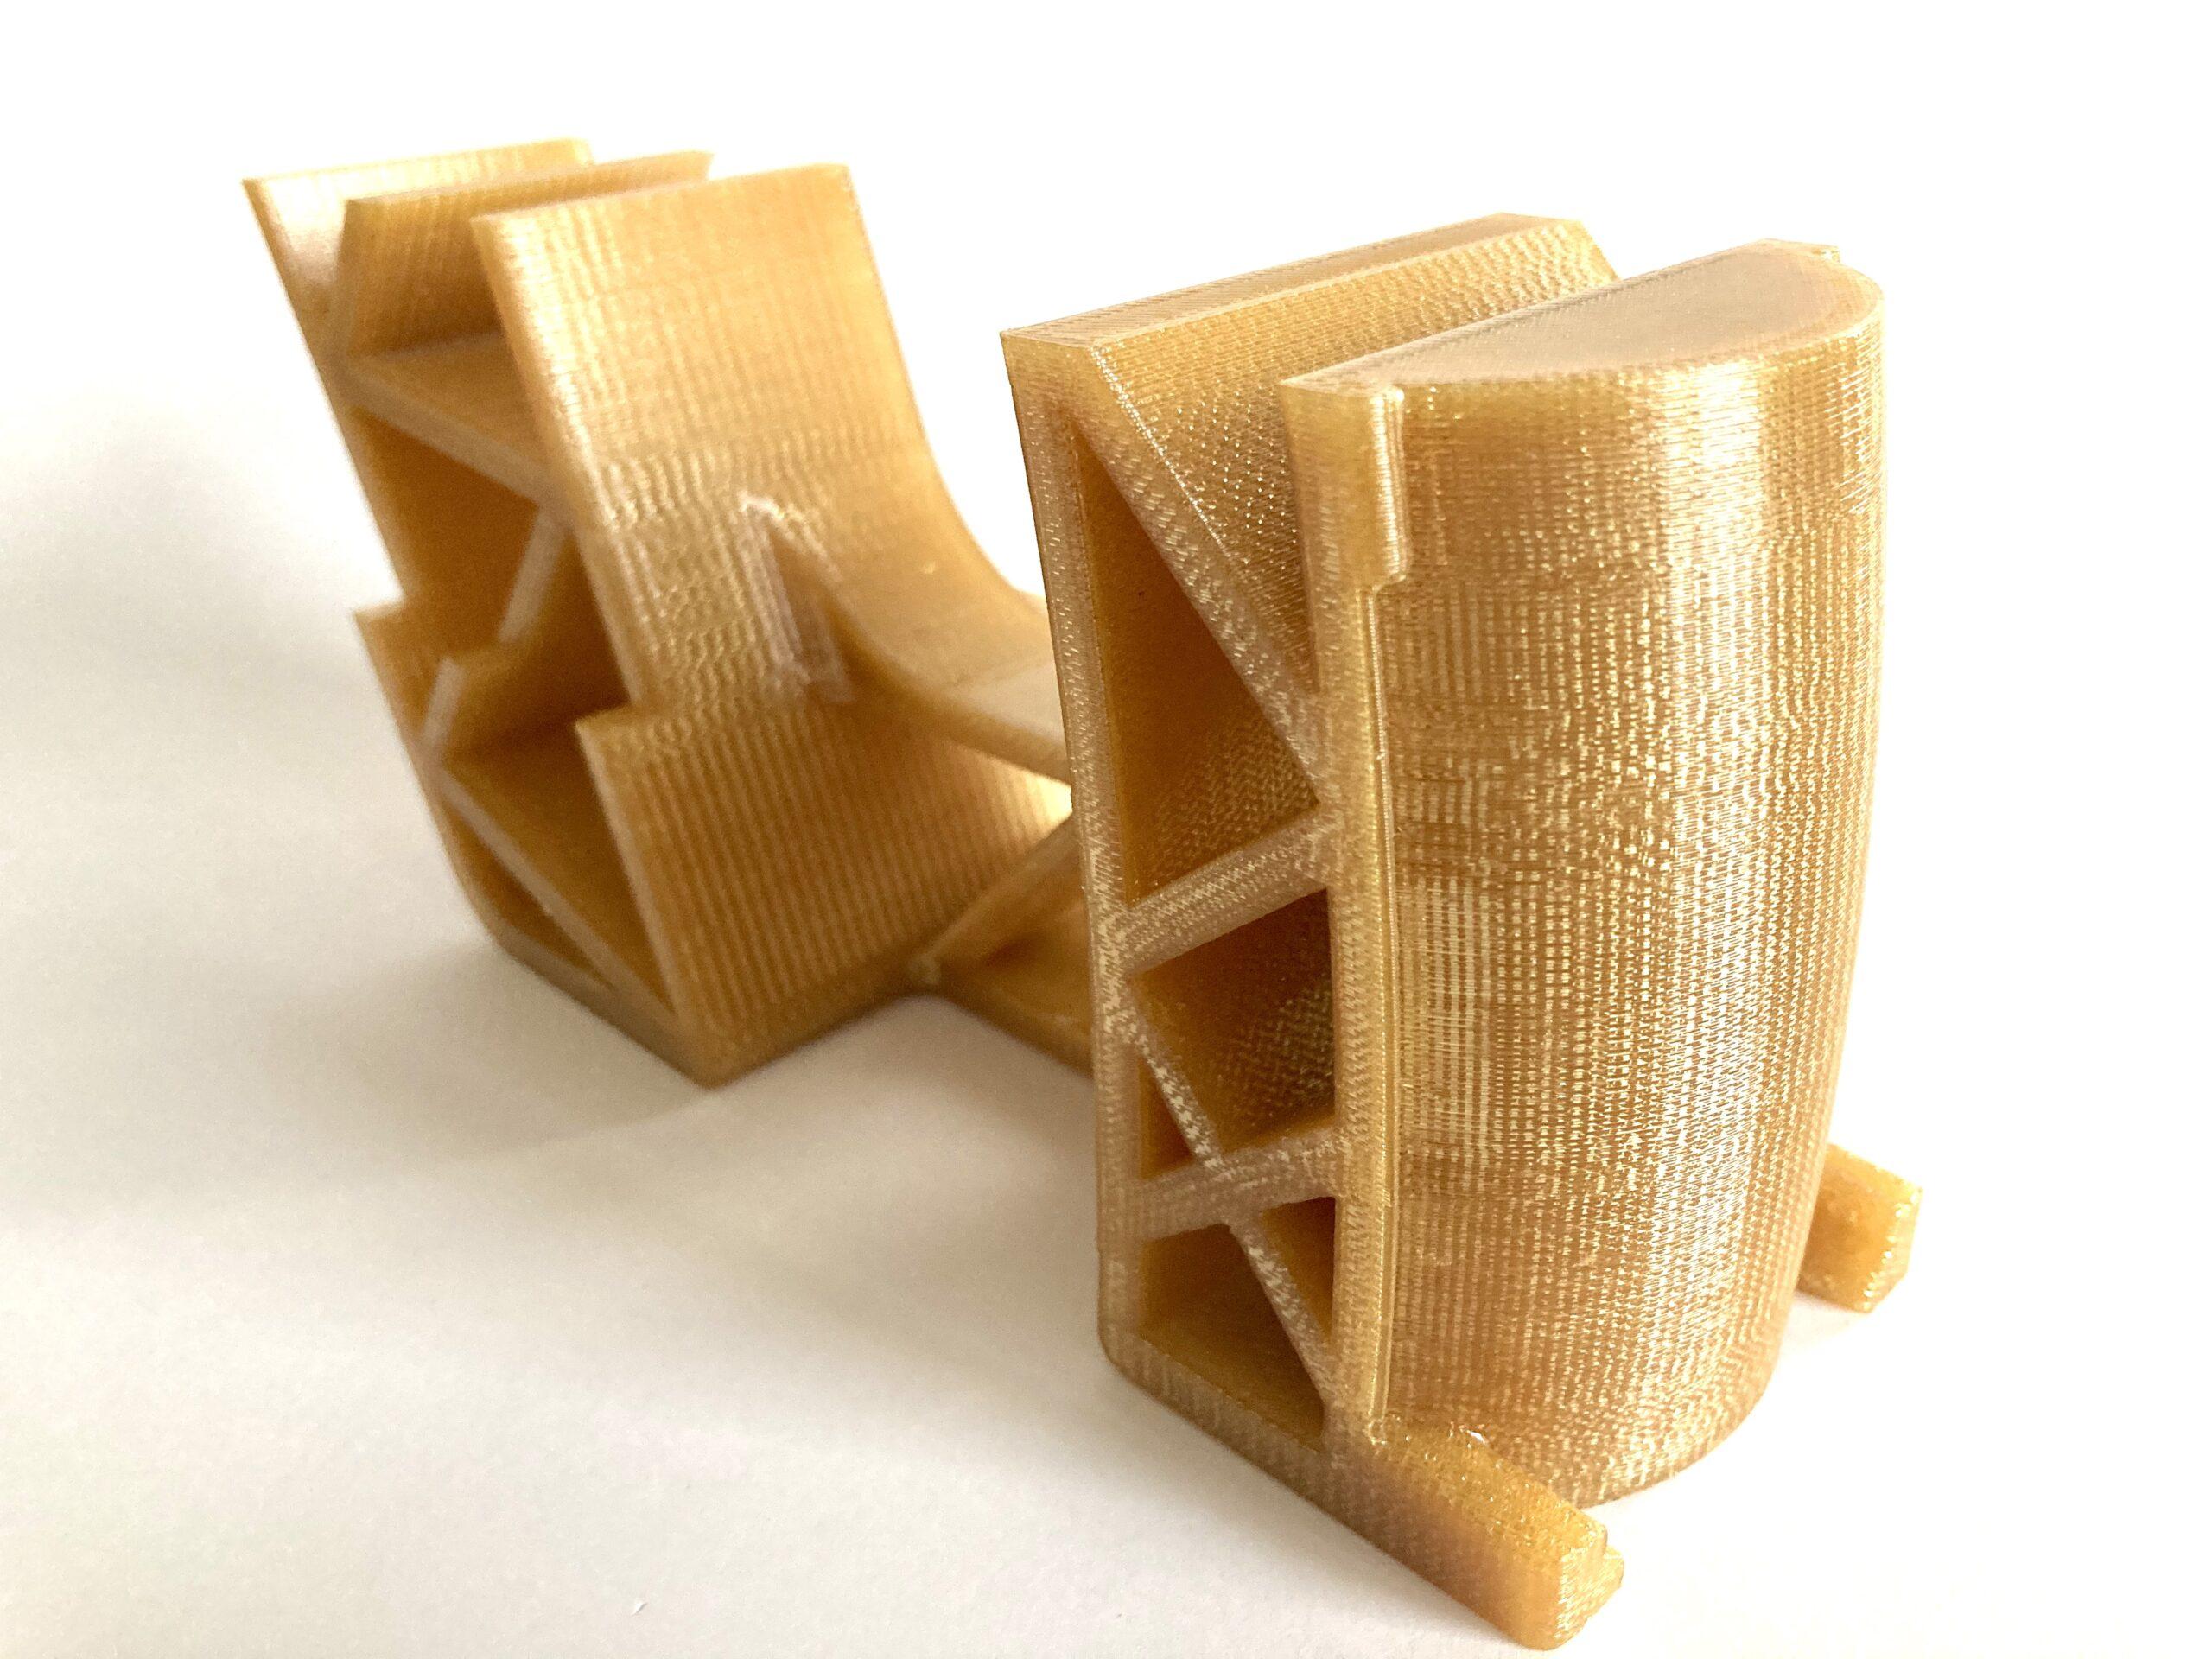 kémiai polírozáson átesett Ultem 1010 3D nyomtatott alkatrész